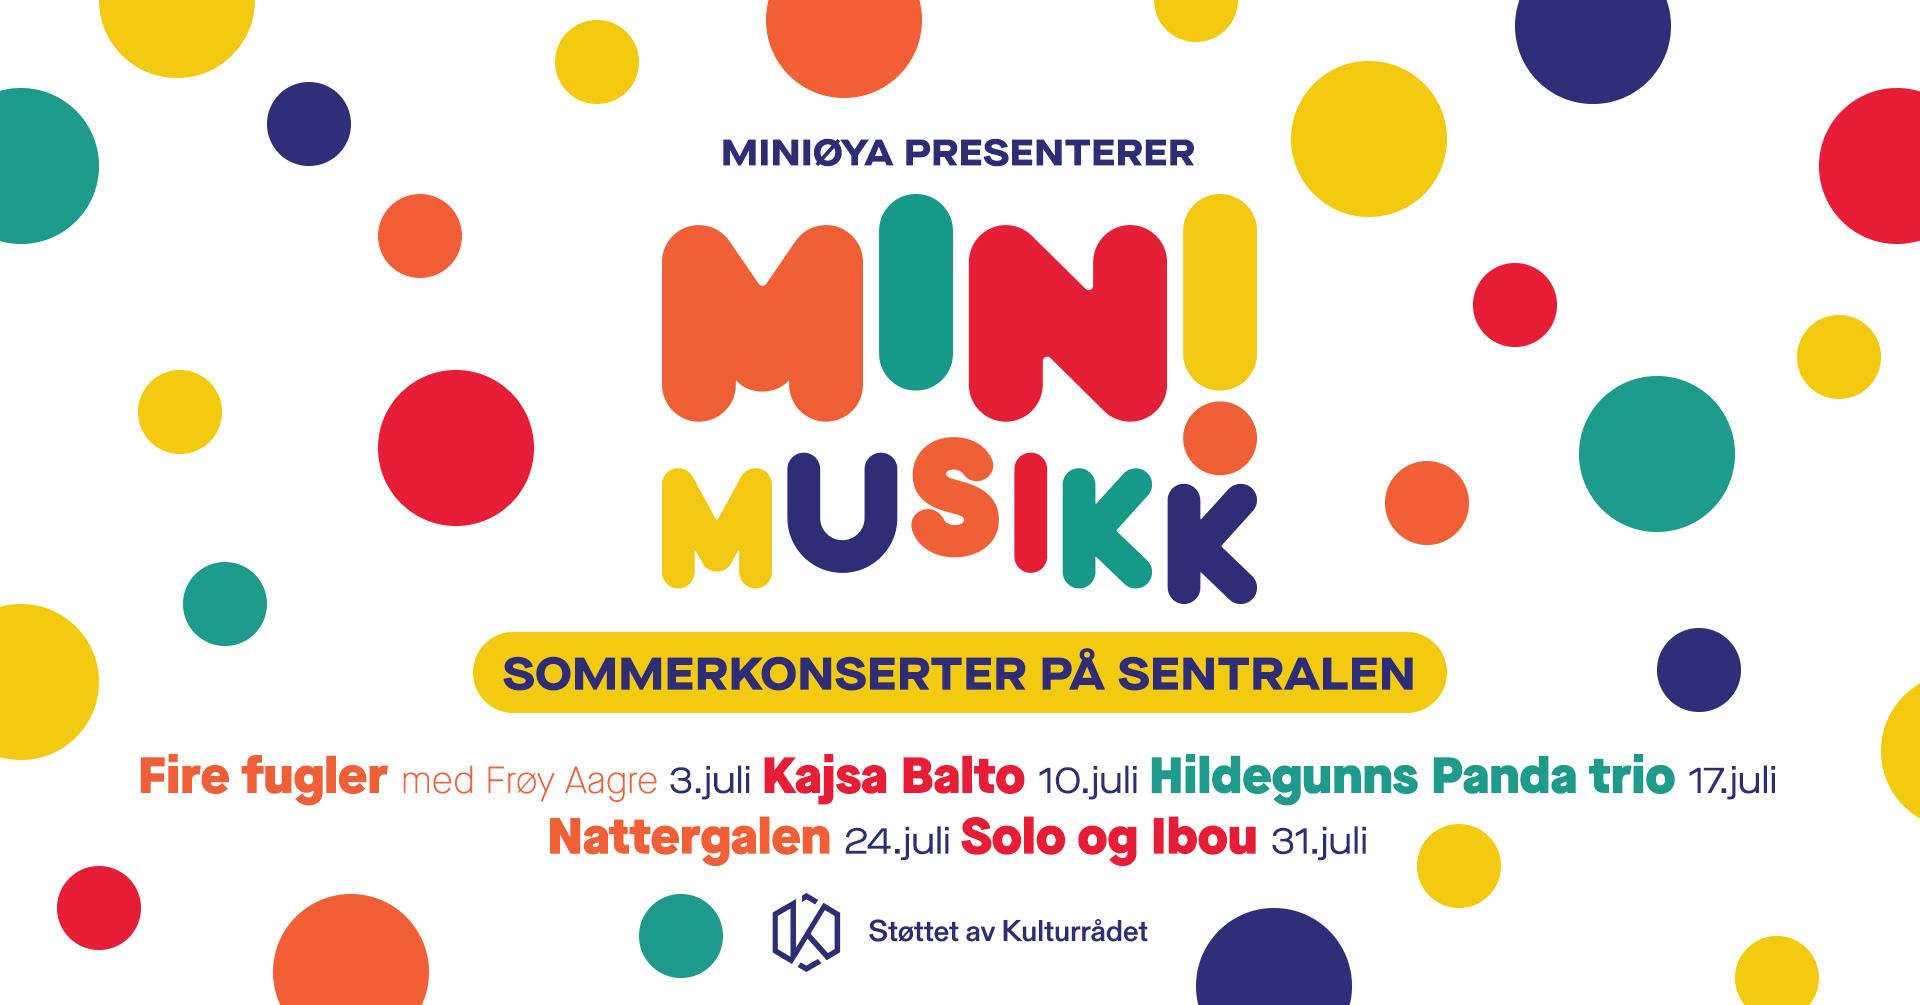 Sommerkonserter - Fire fugler med Frøy Aagre - Kajsa Balto - Hildegunns Panda Trio - Nattergalen - Solo og Ibou